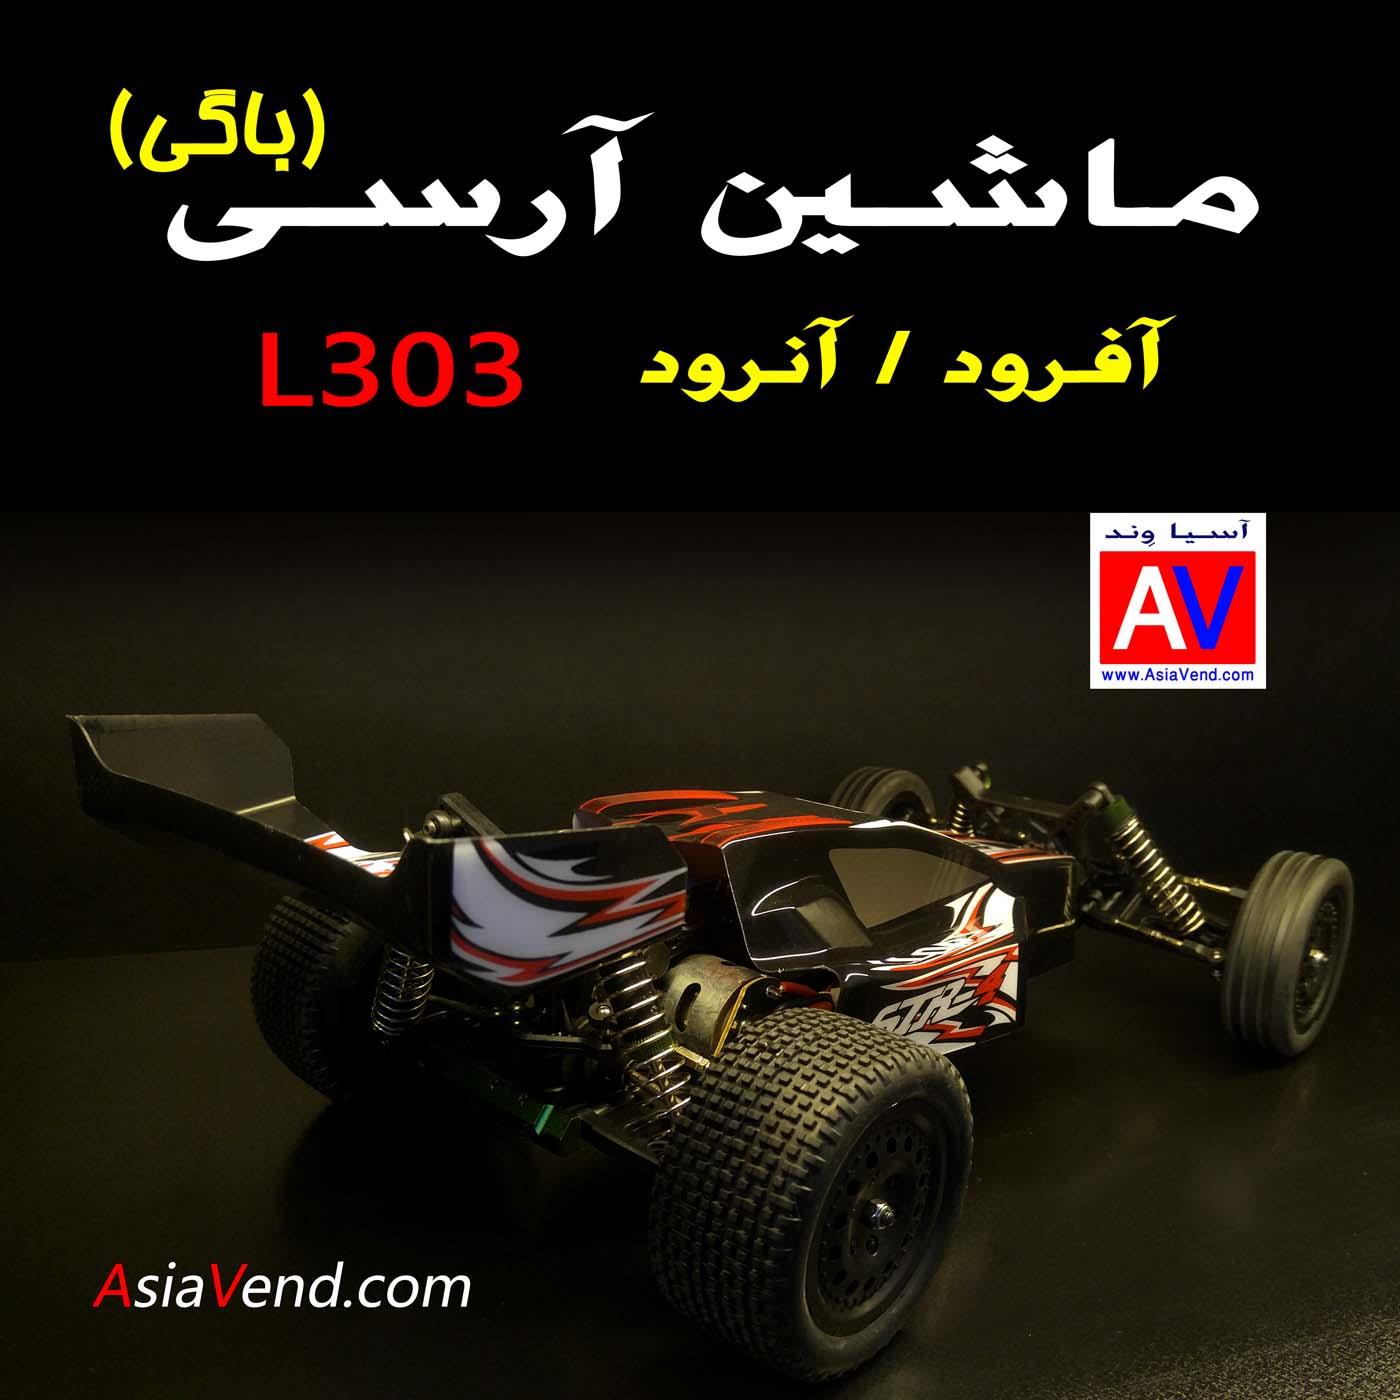 نمایندگی فروش ماشین کنترلی حرفه ای ماشین رادیو کنترلی L303